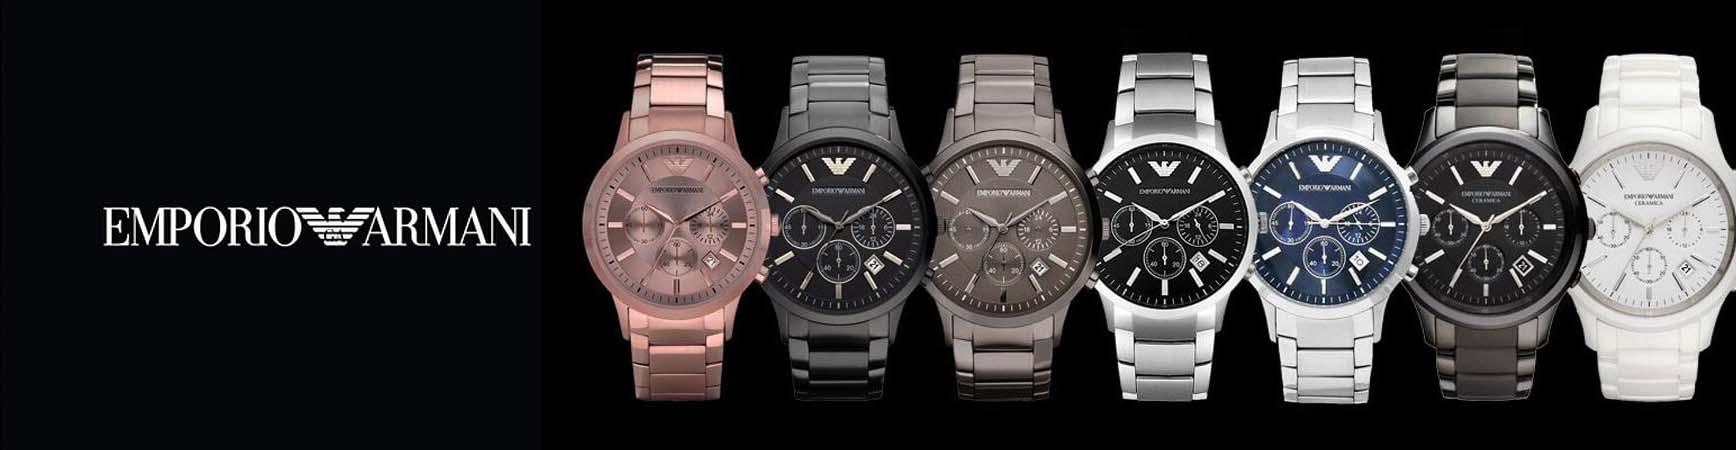 95ec1007c30 Relógio Emporio Armani AR5905 em Aço Inoxidável Silicone Preto